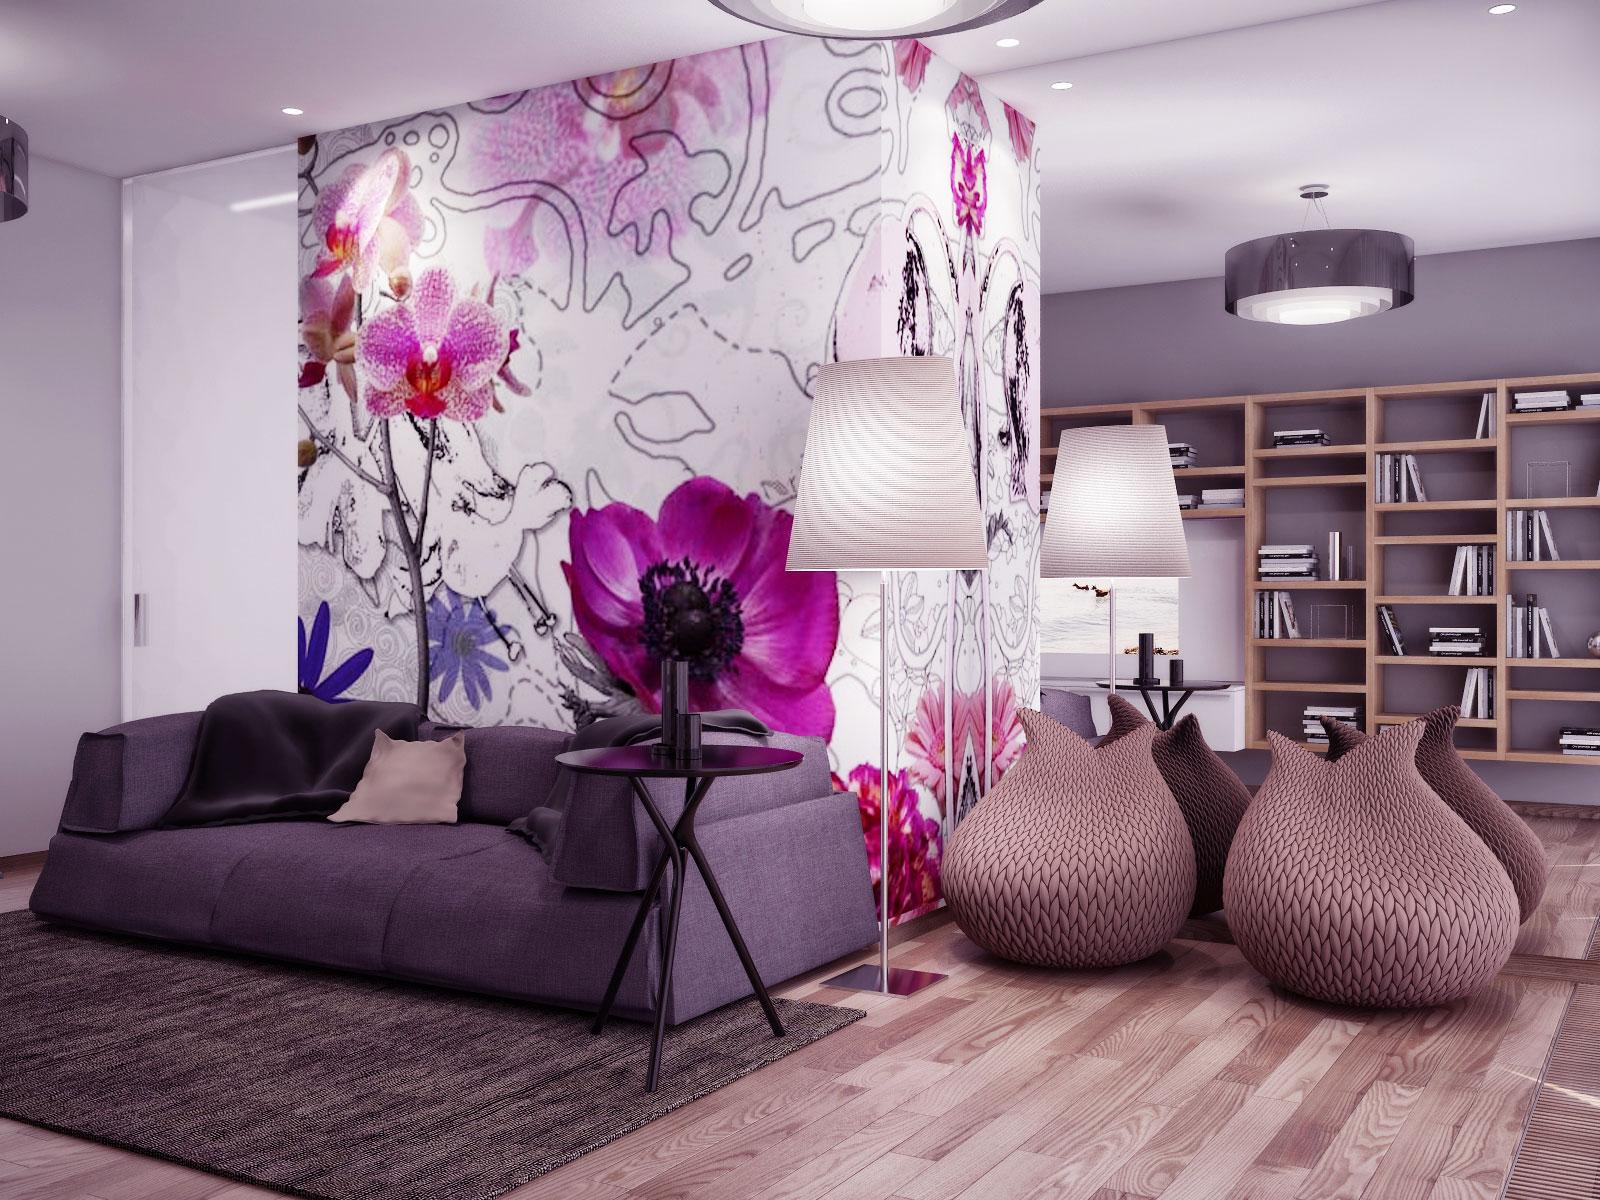 Цветы дизайн интерьера